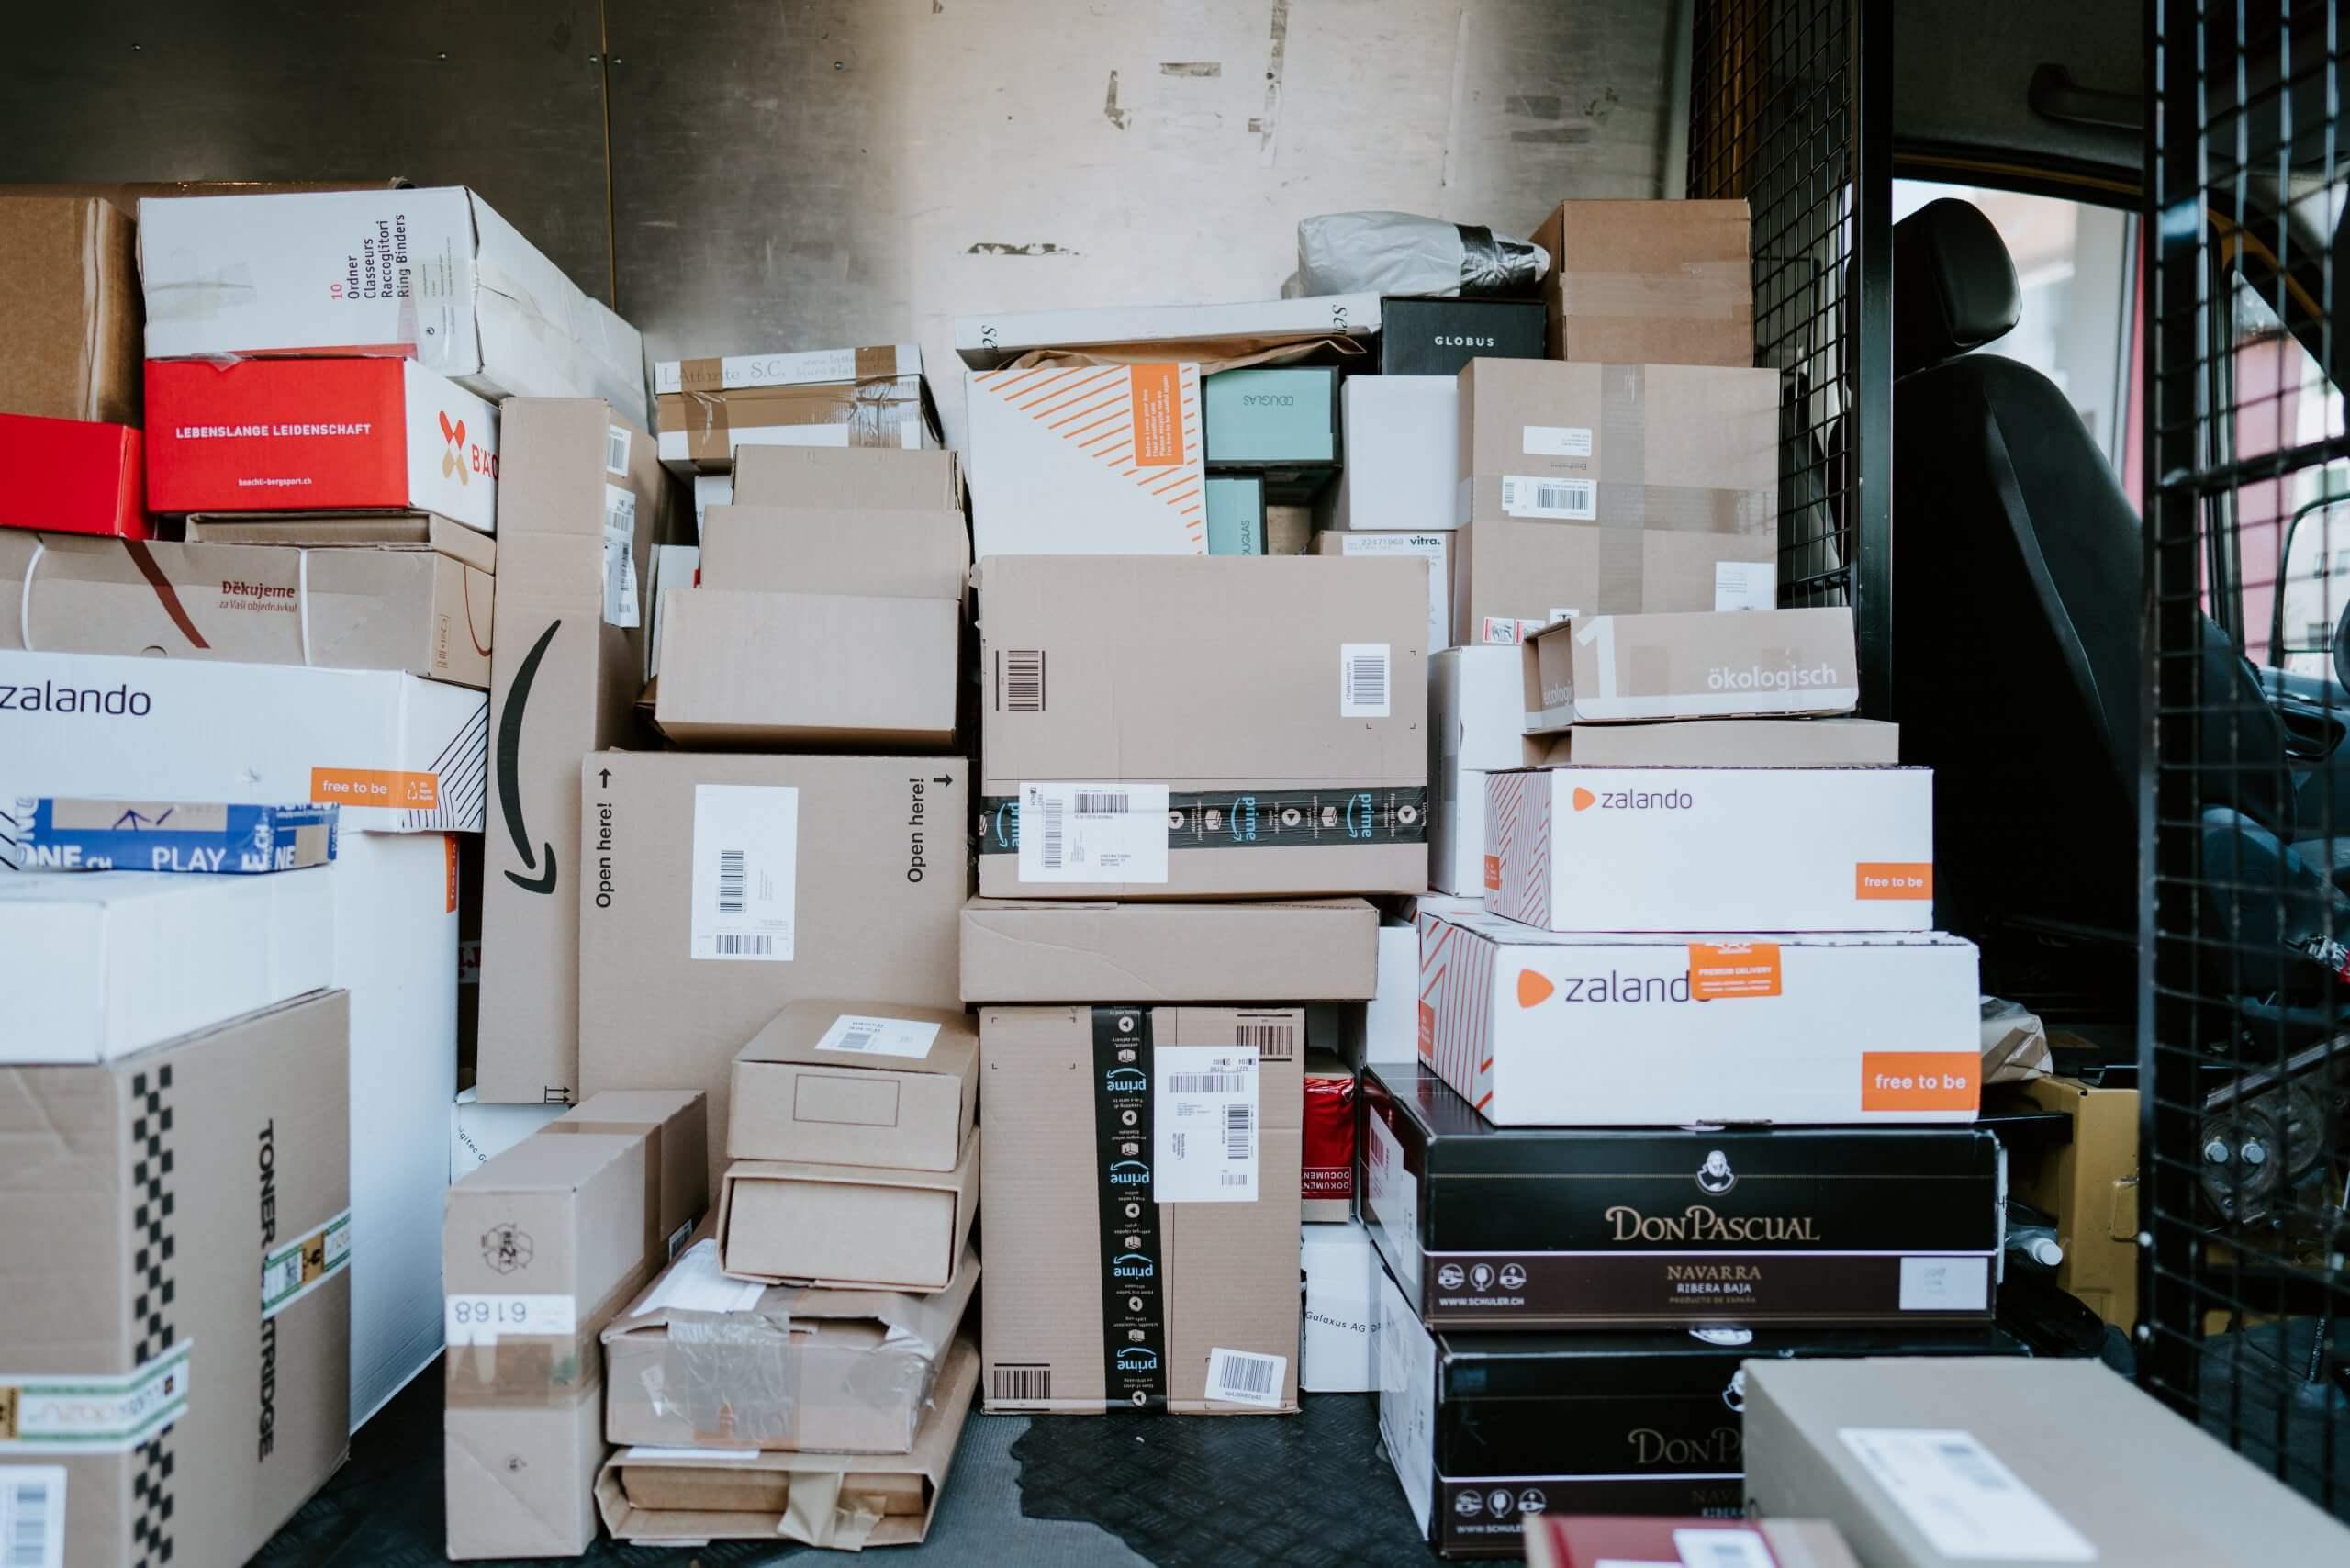 Chargement pour livraison de colis en carton ondulé e-commerce pour les particuliers